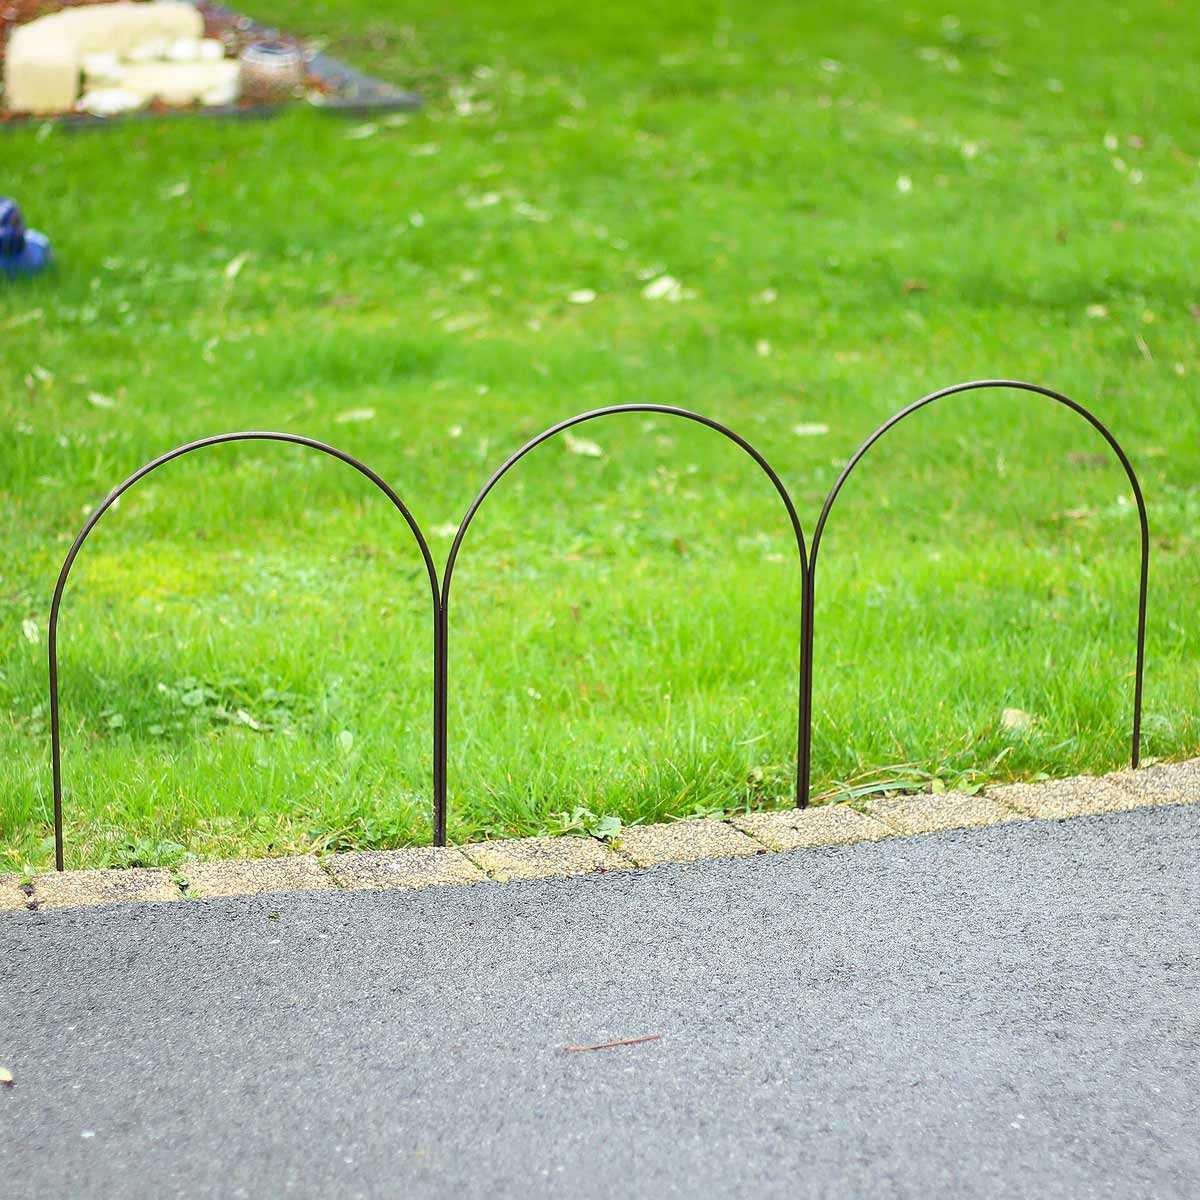 Bordure Triple Arceaux En Acier Plein L.100Cm X H.40Cm tout Arceau Jardin